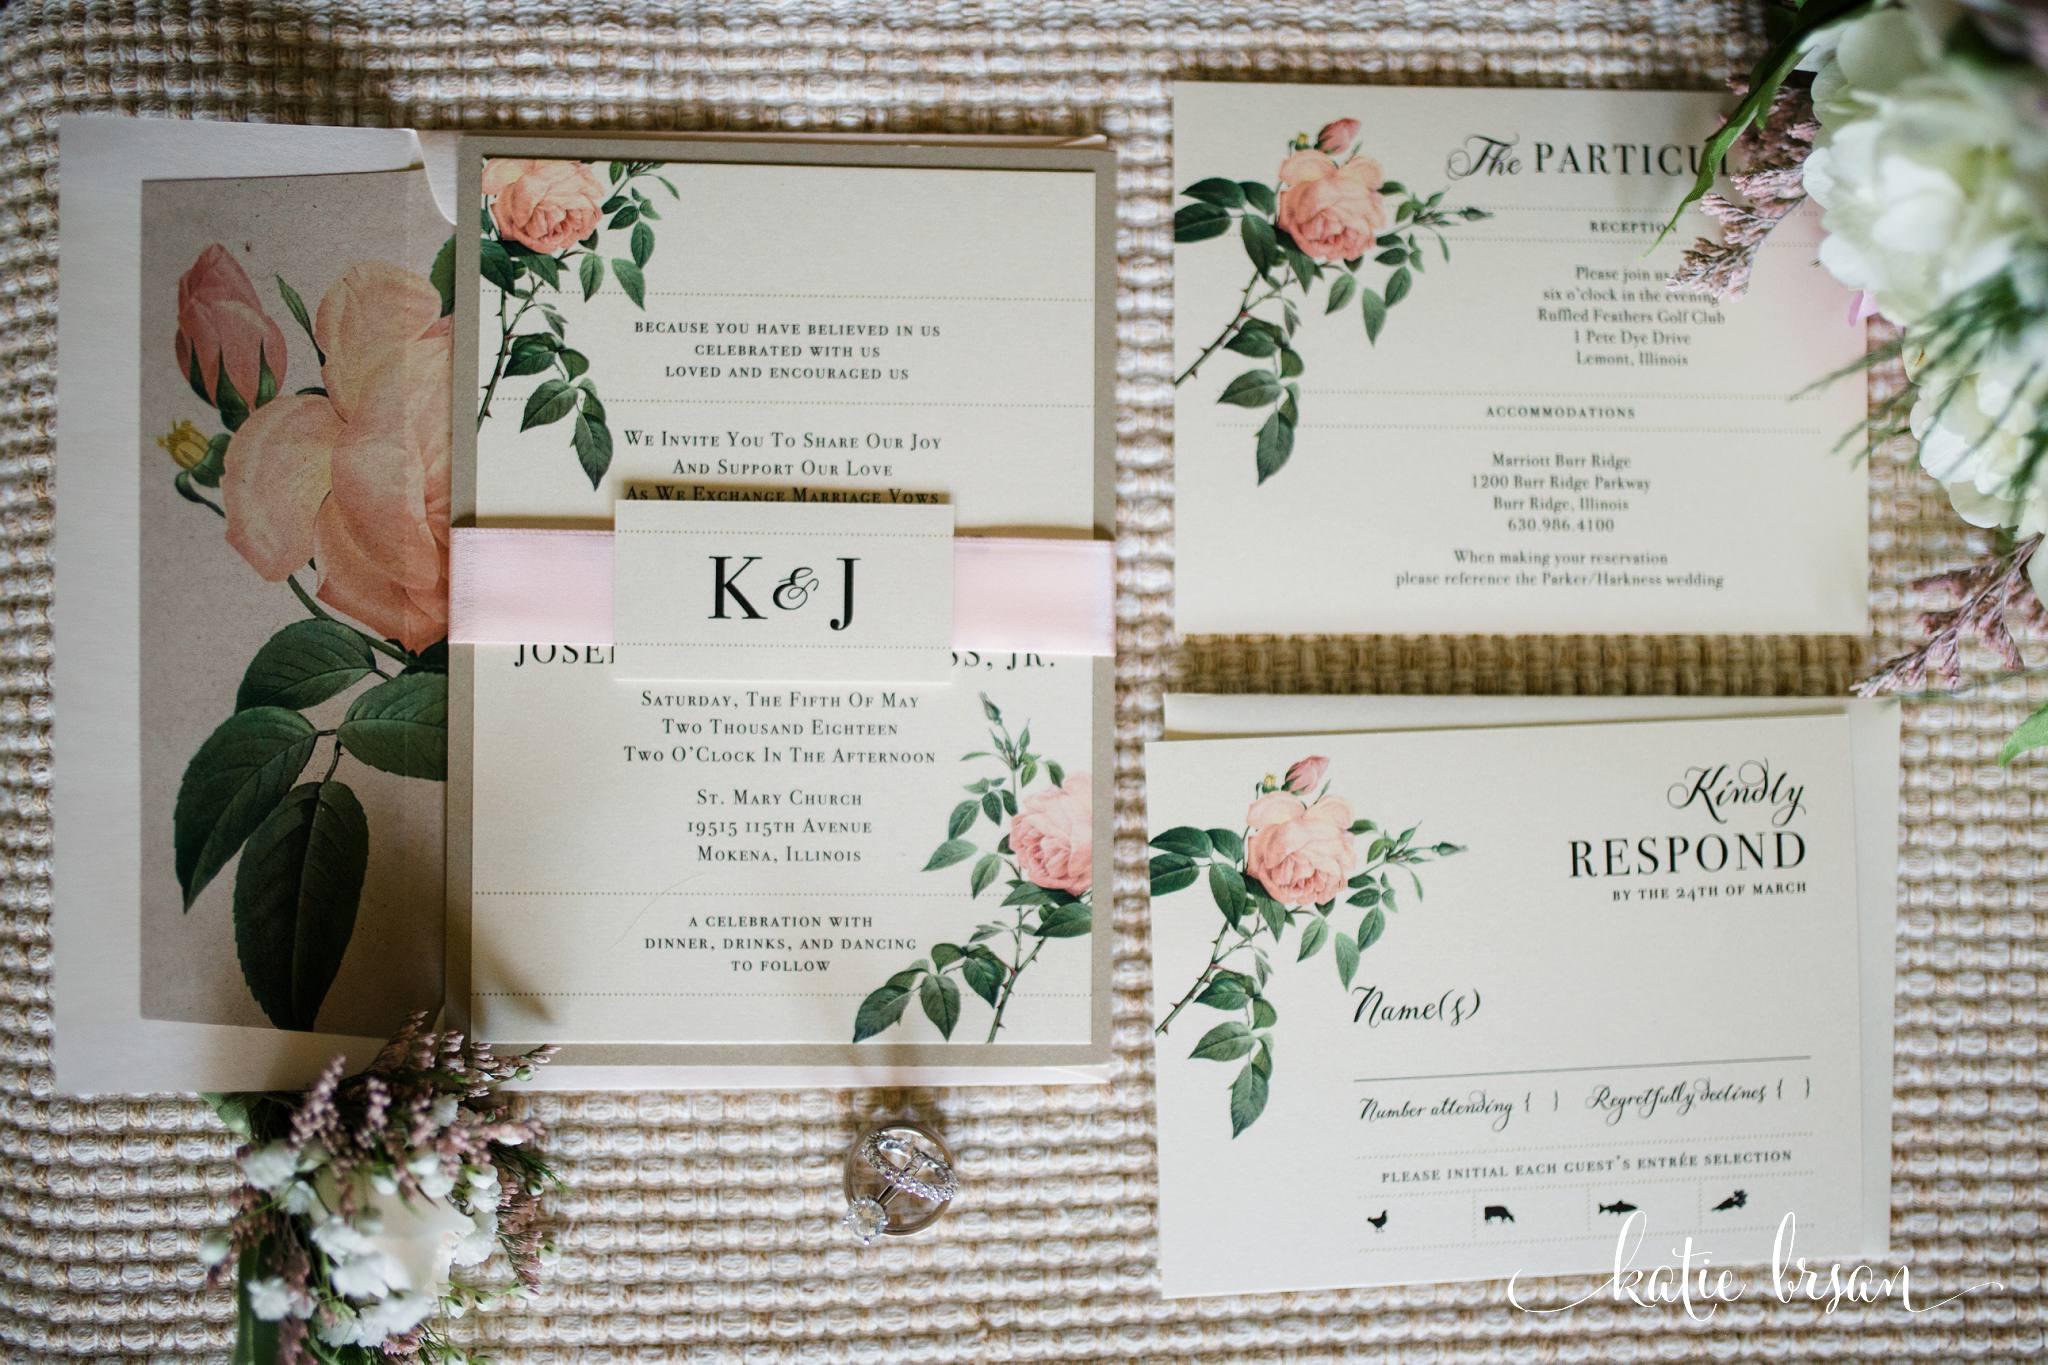 Mokena_Lemont_Wedding_Ruffled_Feathers_Wedding_1319.jpg